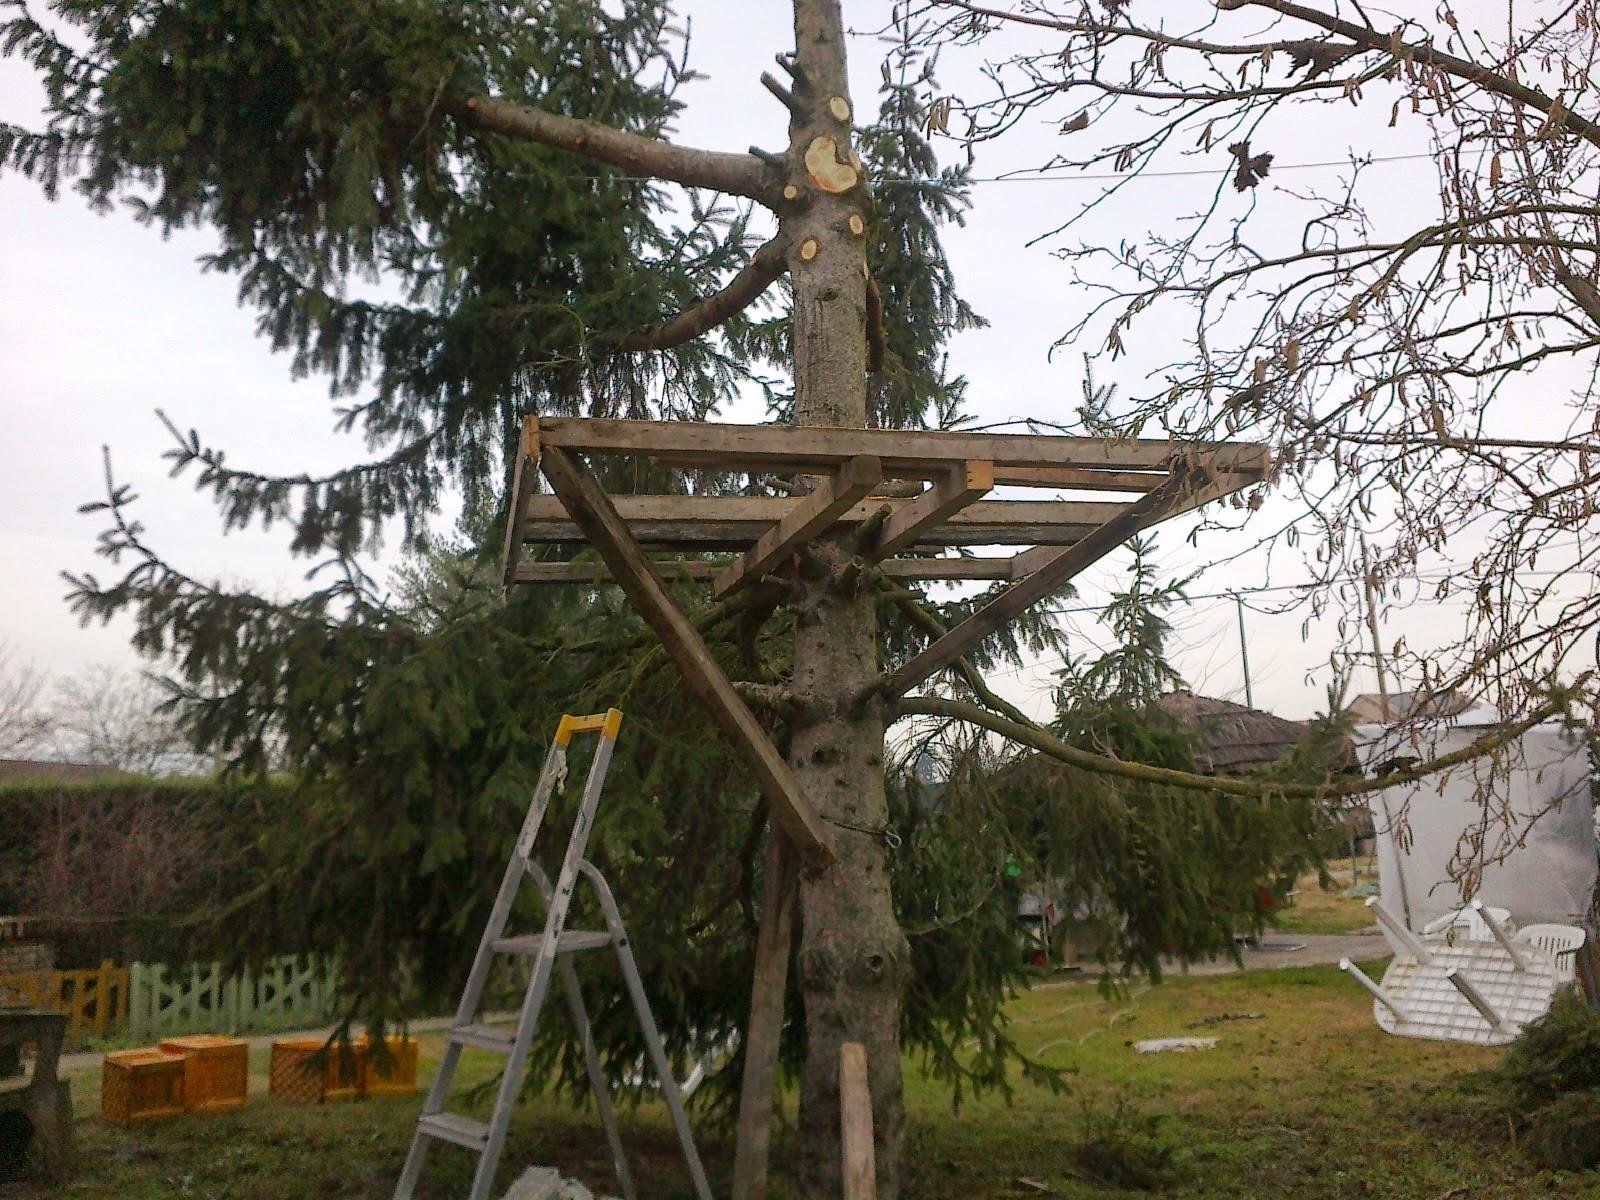 Gli argomenti spaziano casa sull 39 albero inizio - Casa sull albero progetto ...